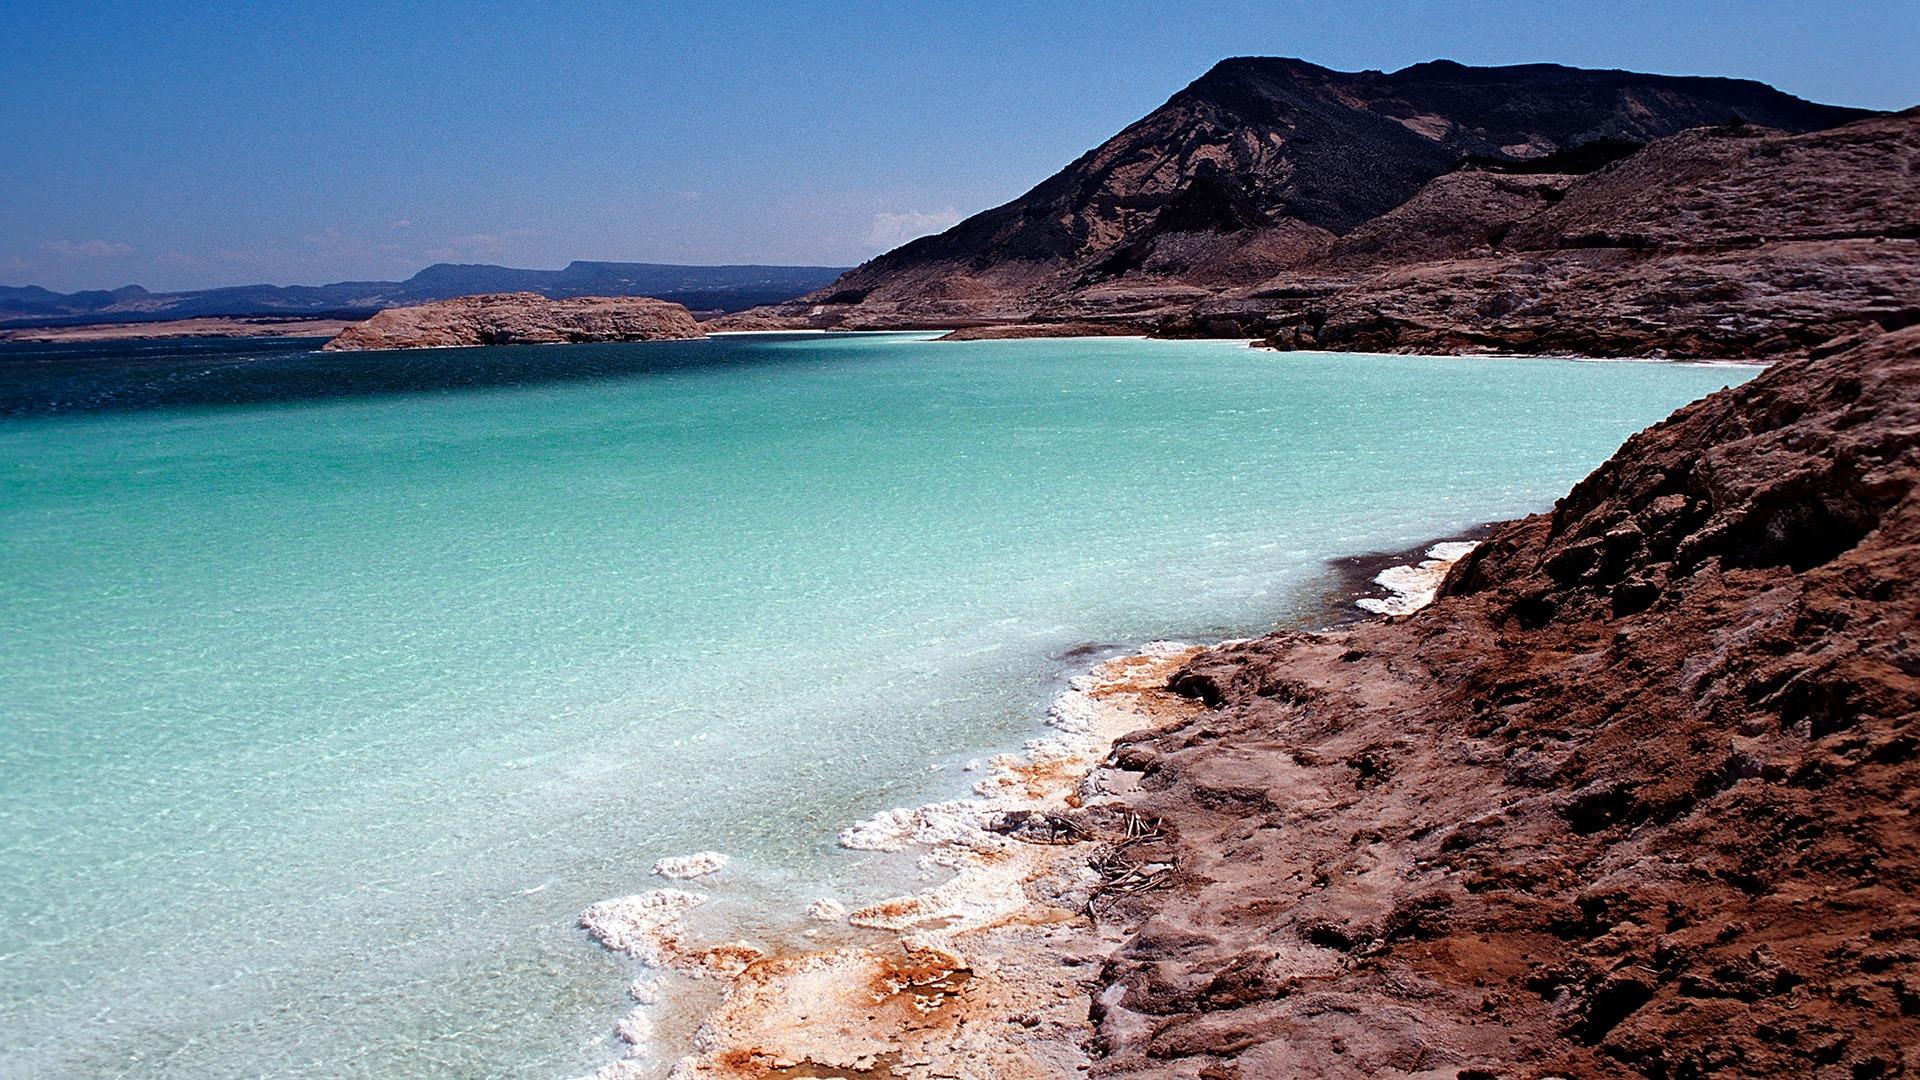 Lake Assal in the Afar Triangle, Djibouti